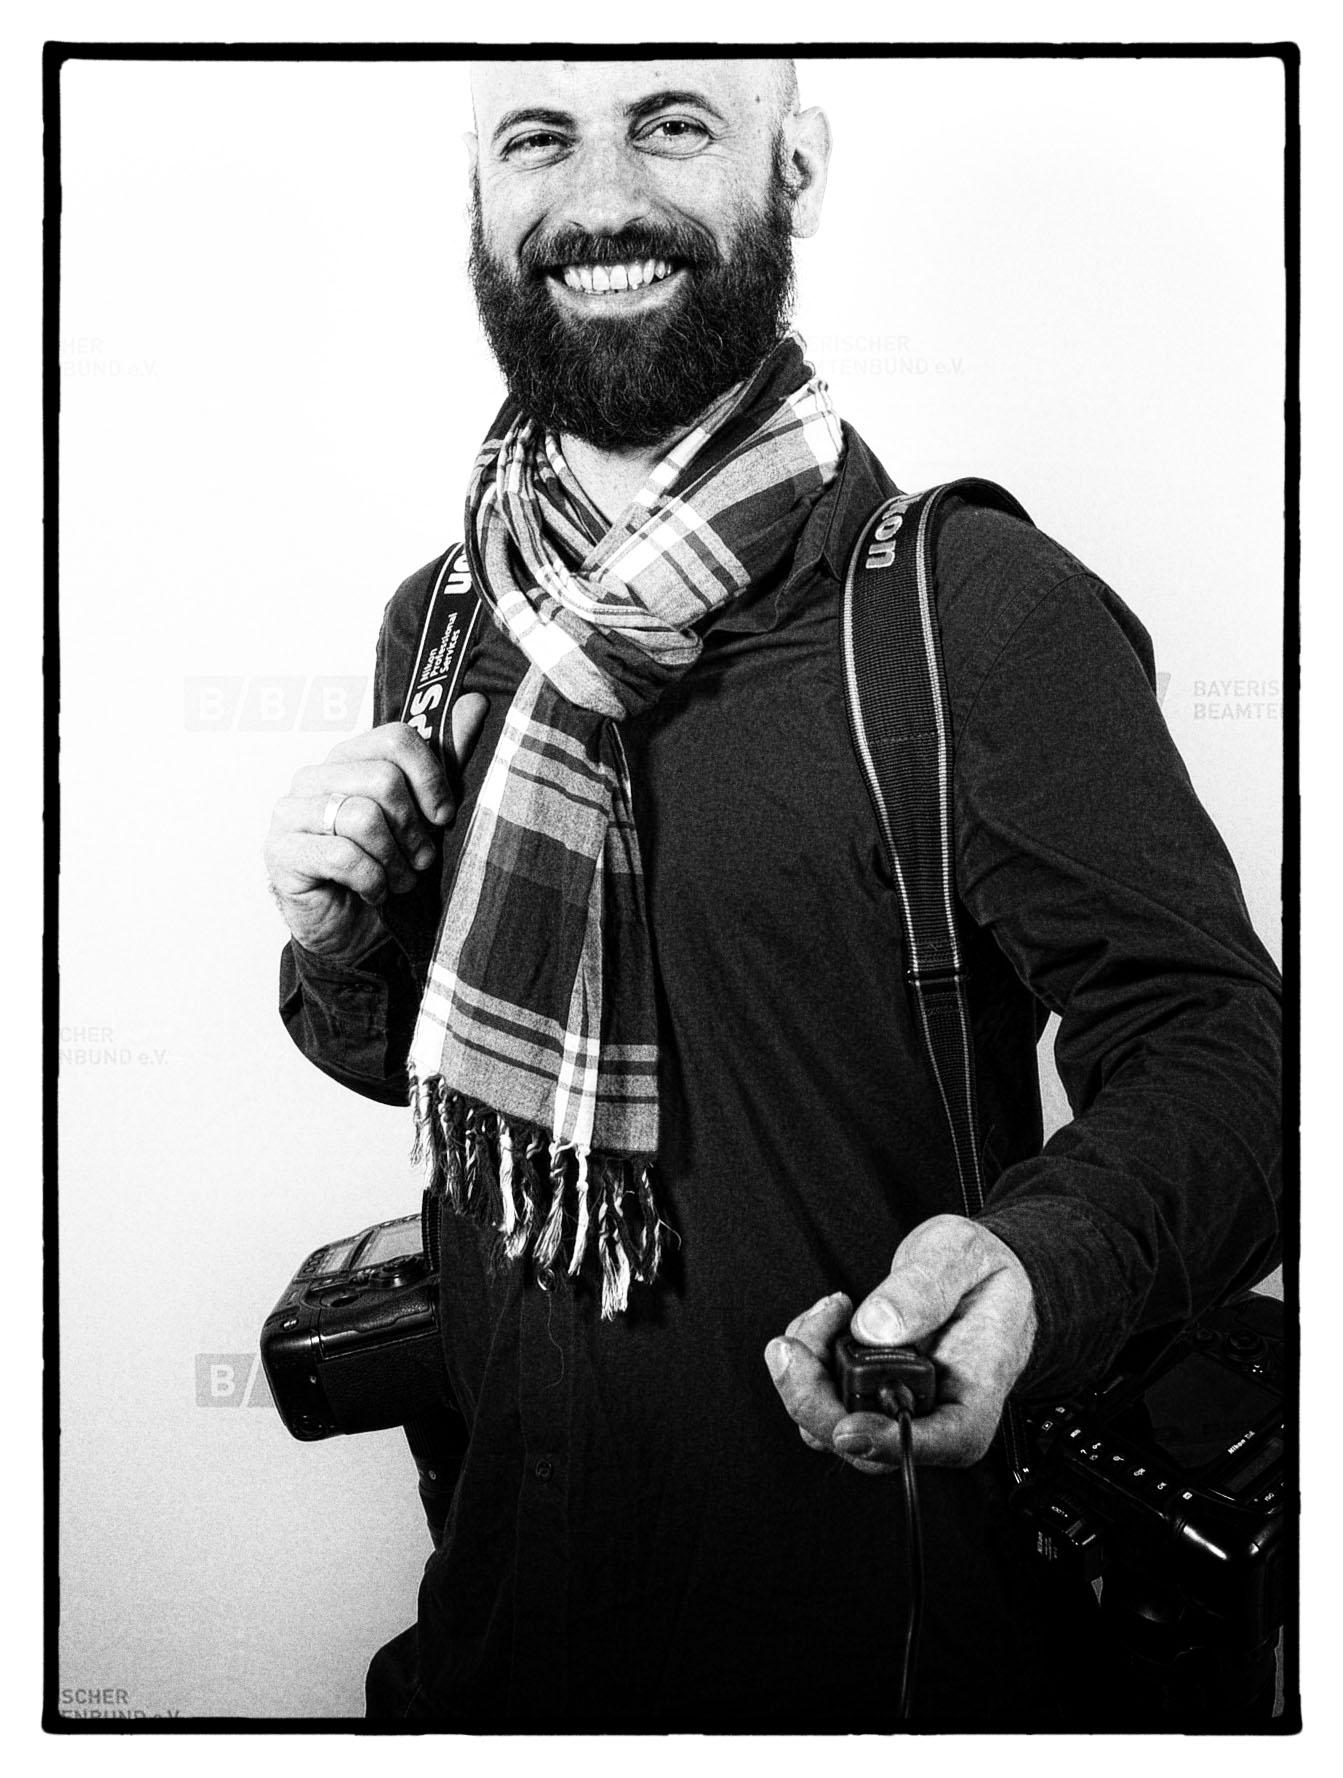 andreas@gebert-fotografie.com  +49-152-33723156  Instagram: agebertphoto  https://agebert.exposure.co/  Soyerhofstr. 42, 81547 München  Boxhagener Str. 86, 10245 Berlin